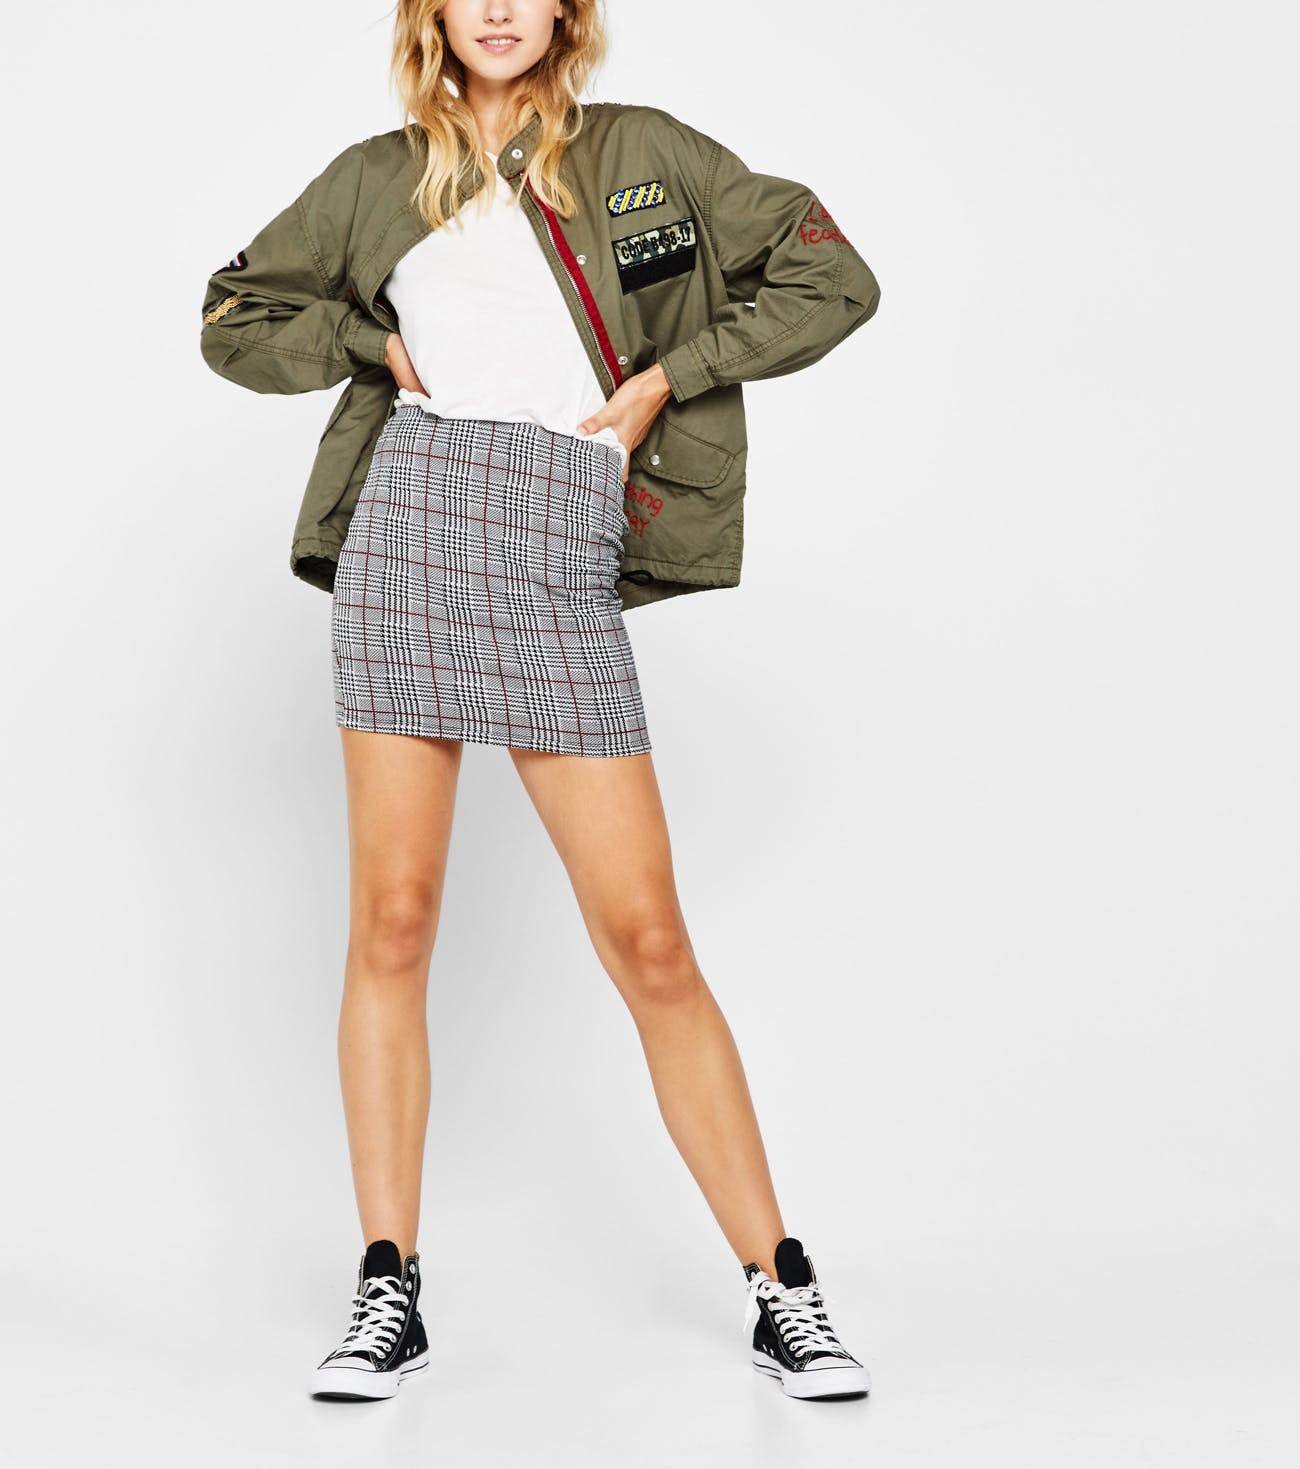 entrega gratis sensación cómoda bajo precio 4 looks casual con faldas de tubo